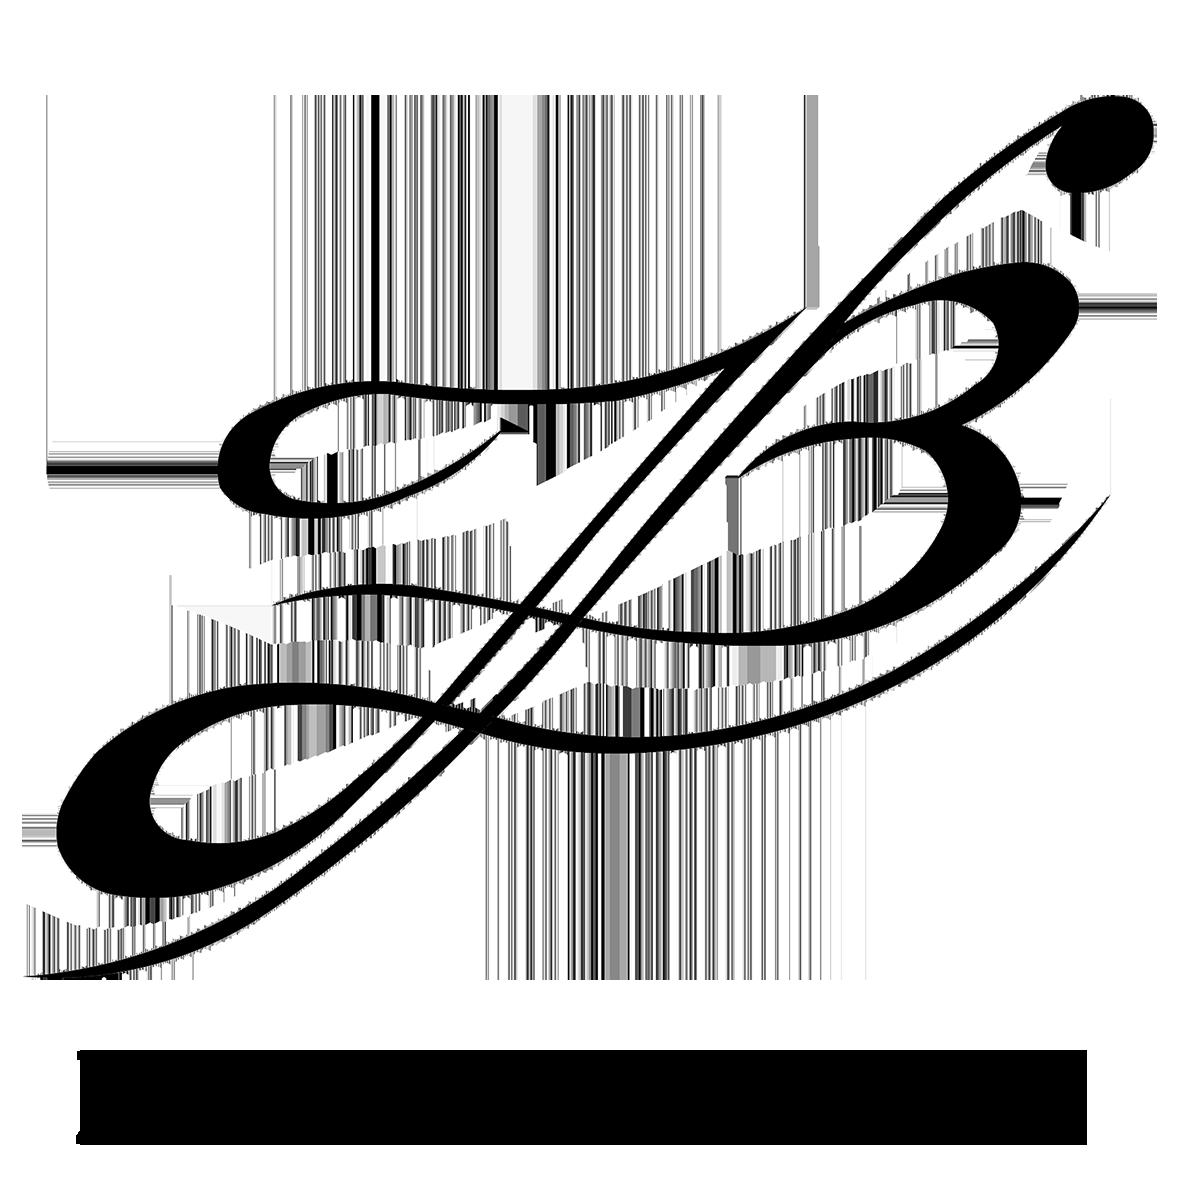 zb art & design